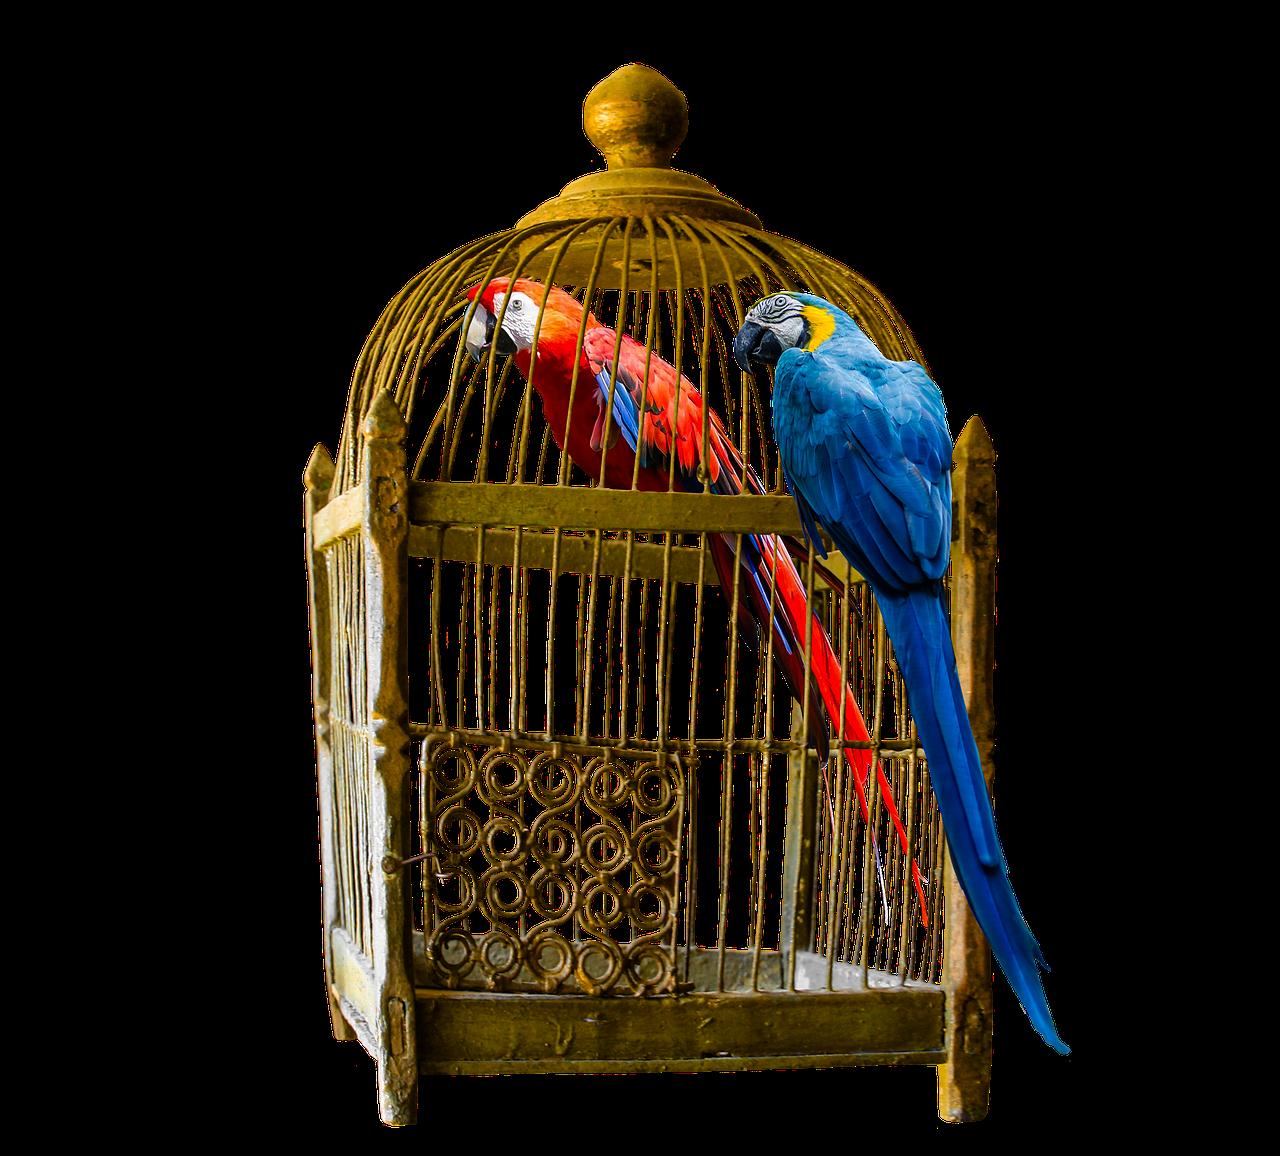 Vogelkäfig finden – Das perfekte Zuhause für deinen Vogel